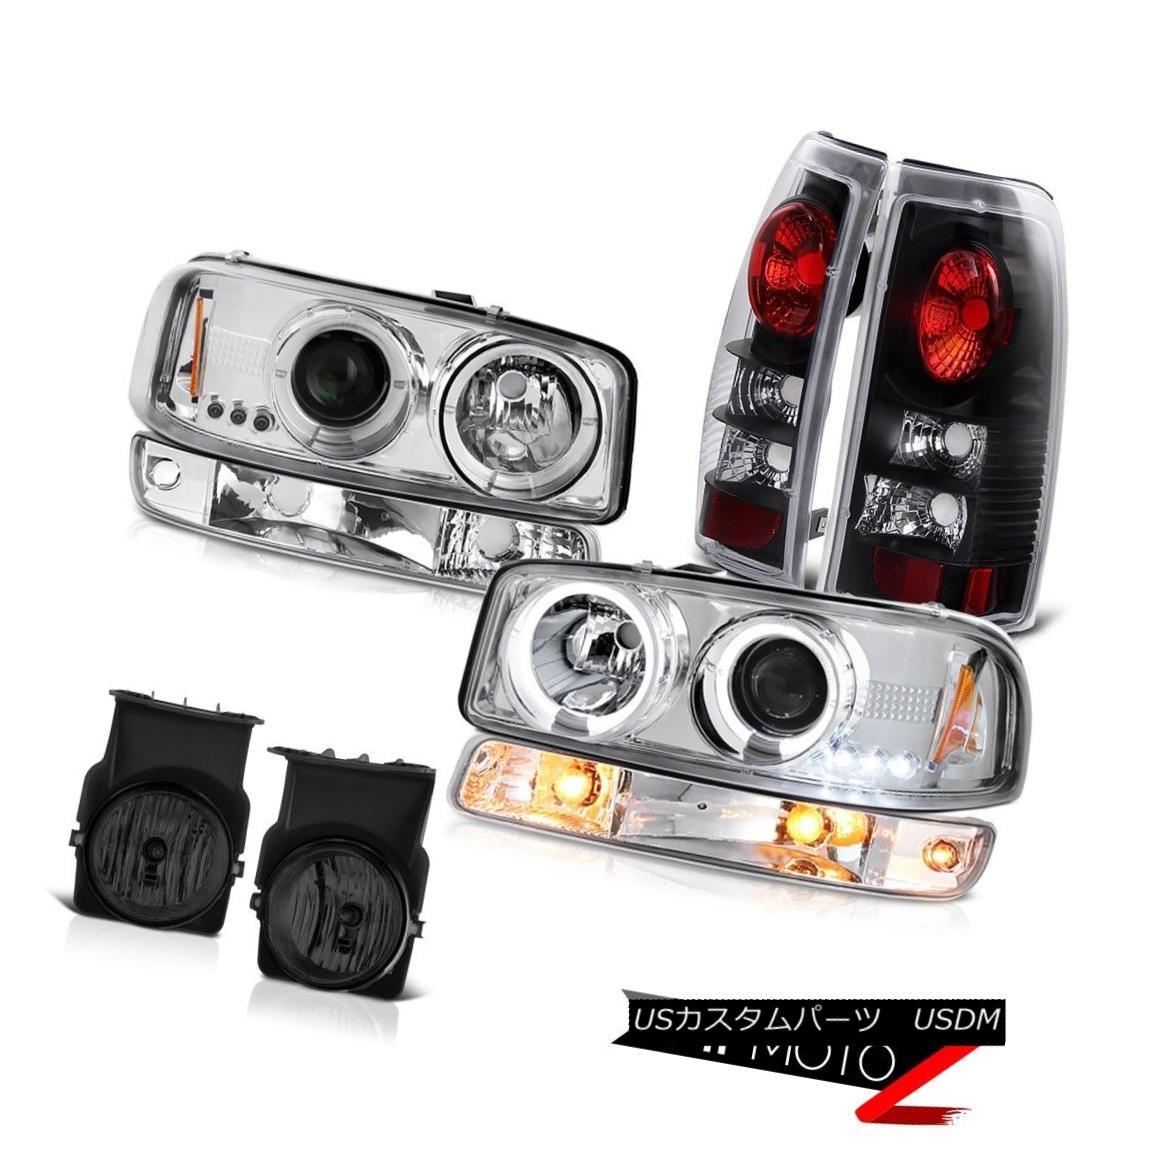 ヘッドライト 2003-2006 Sierra SL Foglamps black tail lights signal lamp projector headlamps 2003-2006シエラSLフォグランプブラックテールライト信号ランププロジェクターヘッドランプ